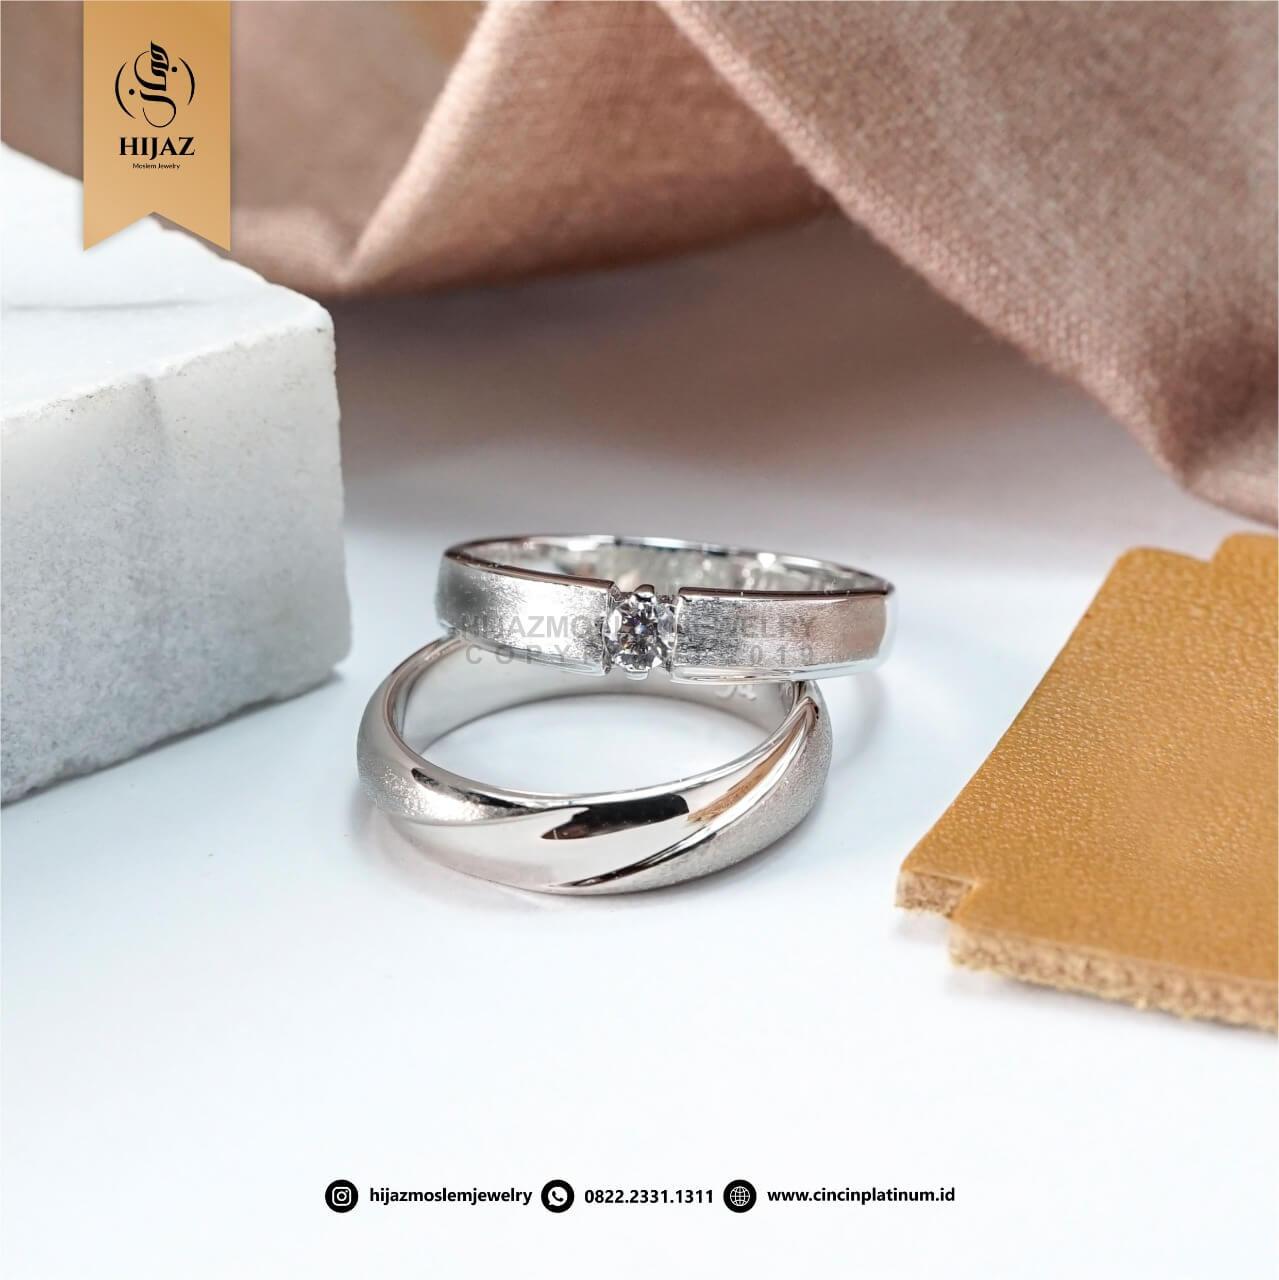 Cincin Kawin Tunangan Emas Platidium Emas Putih PTD0162WG